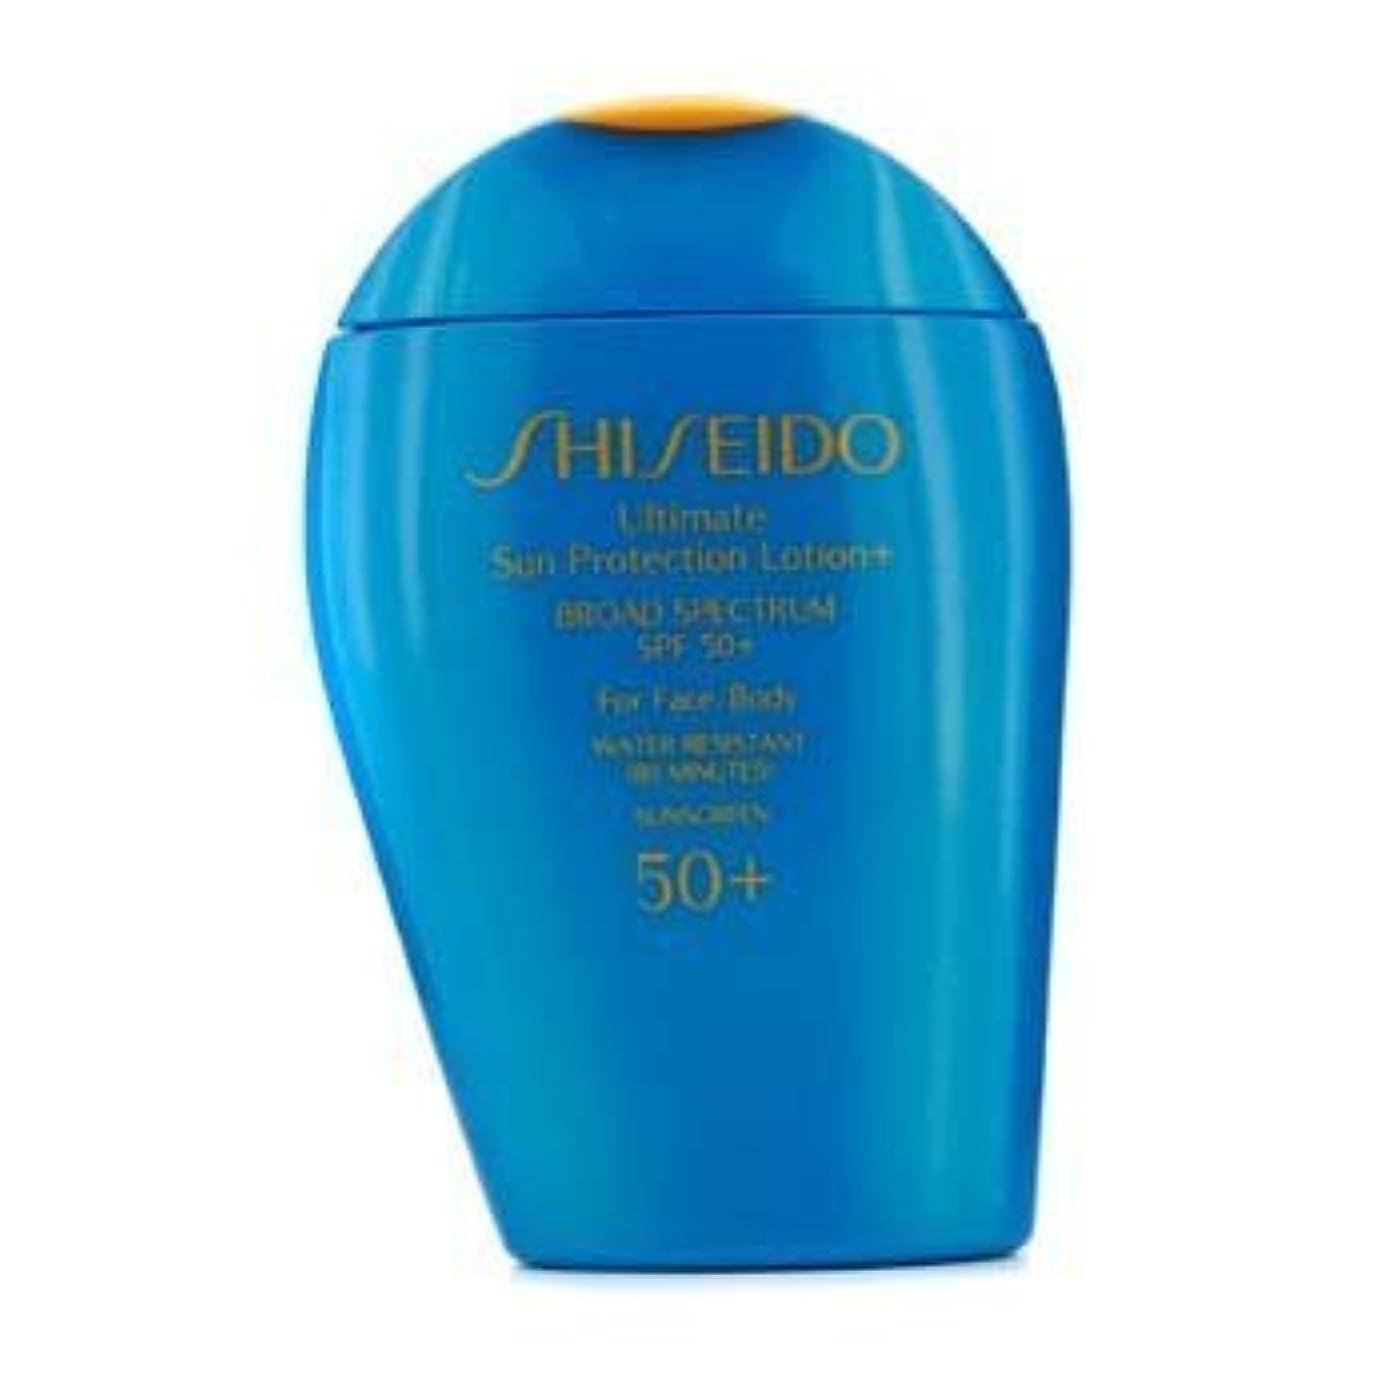 田舎者戦艦検索Shiseido Ultimate Sun Protection Face & Body Lotion SPF 50+ - 100ml/3.3oz by Shiseido [並行輸入品]